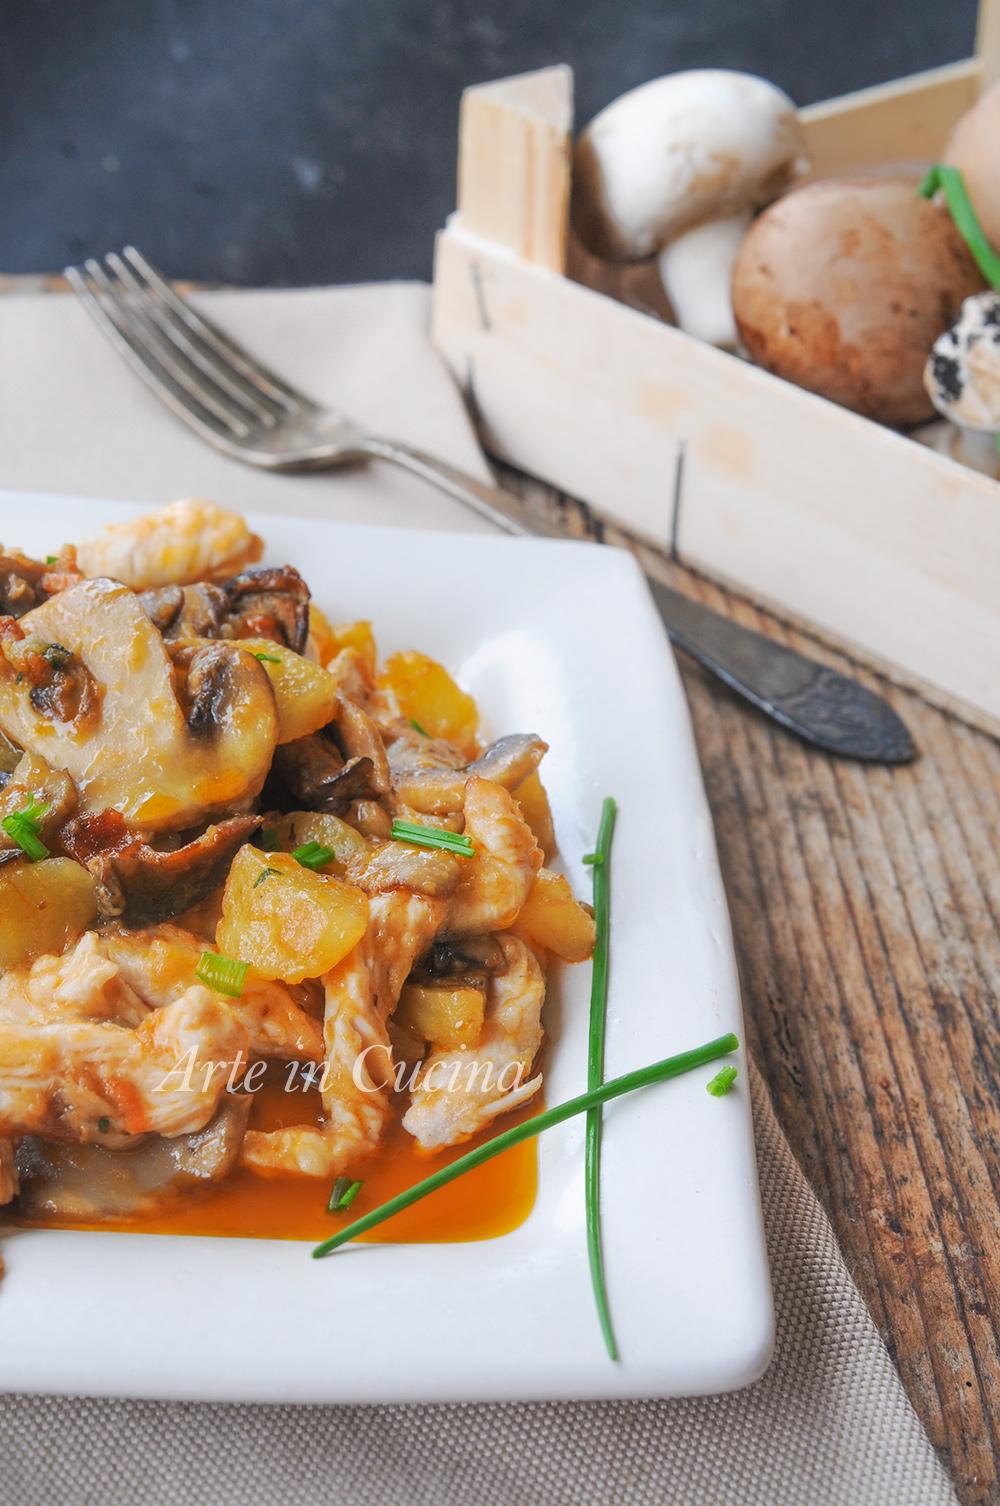 Straccetti di pollo ai funghi e patate ricetta veloce vickyart arte in cucina